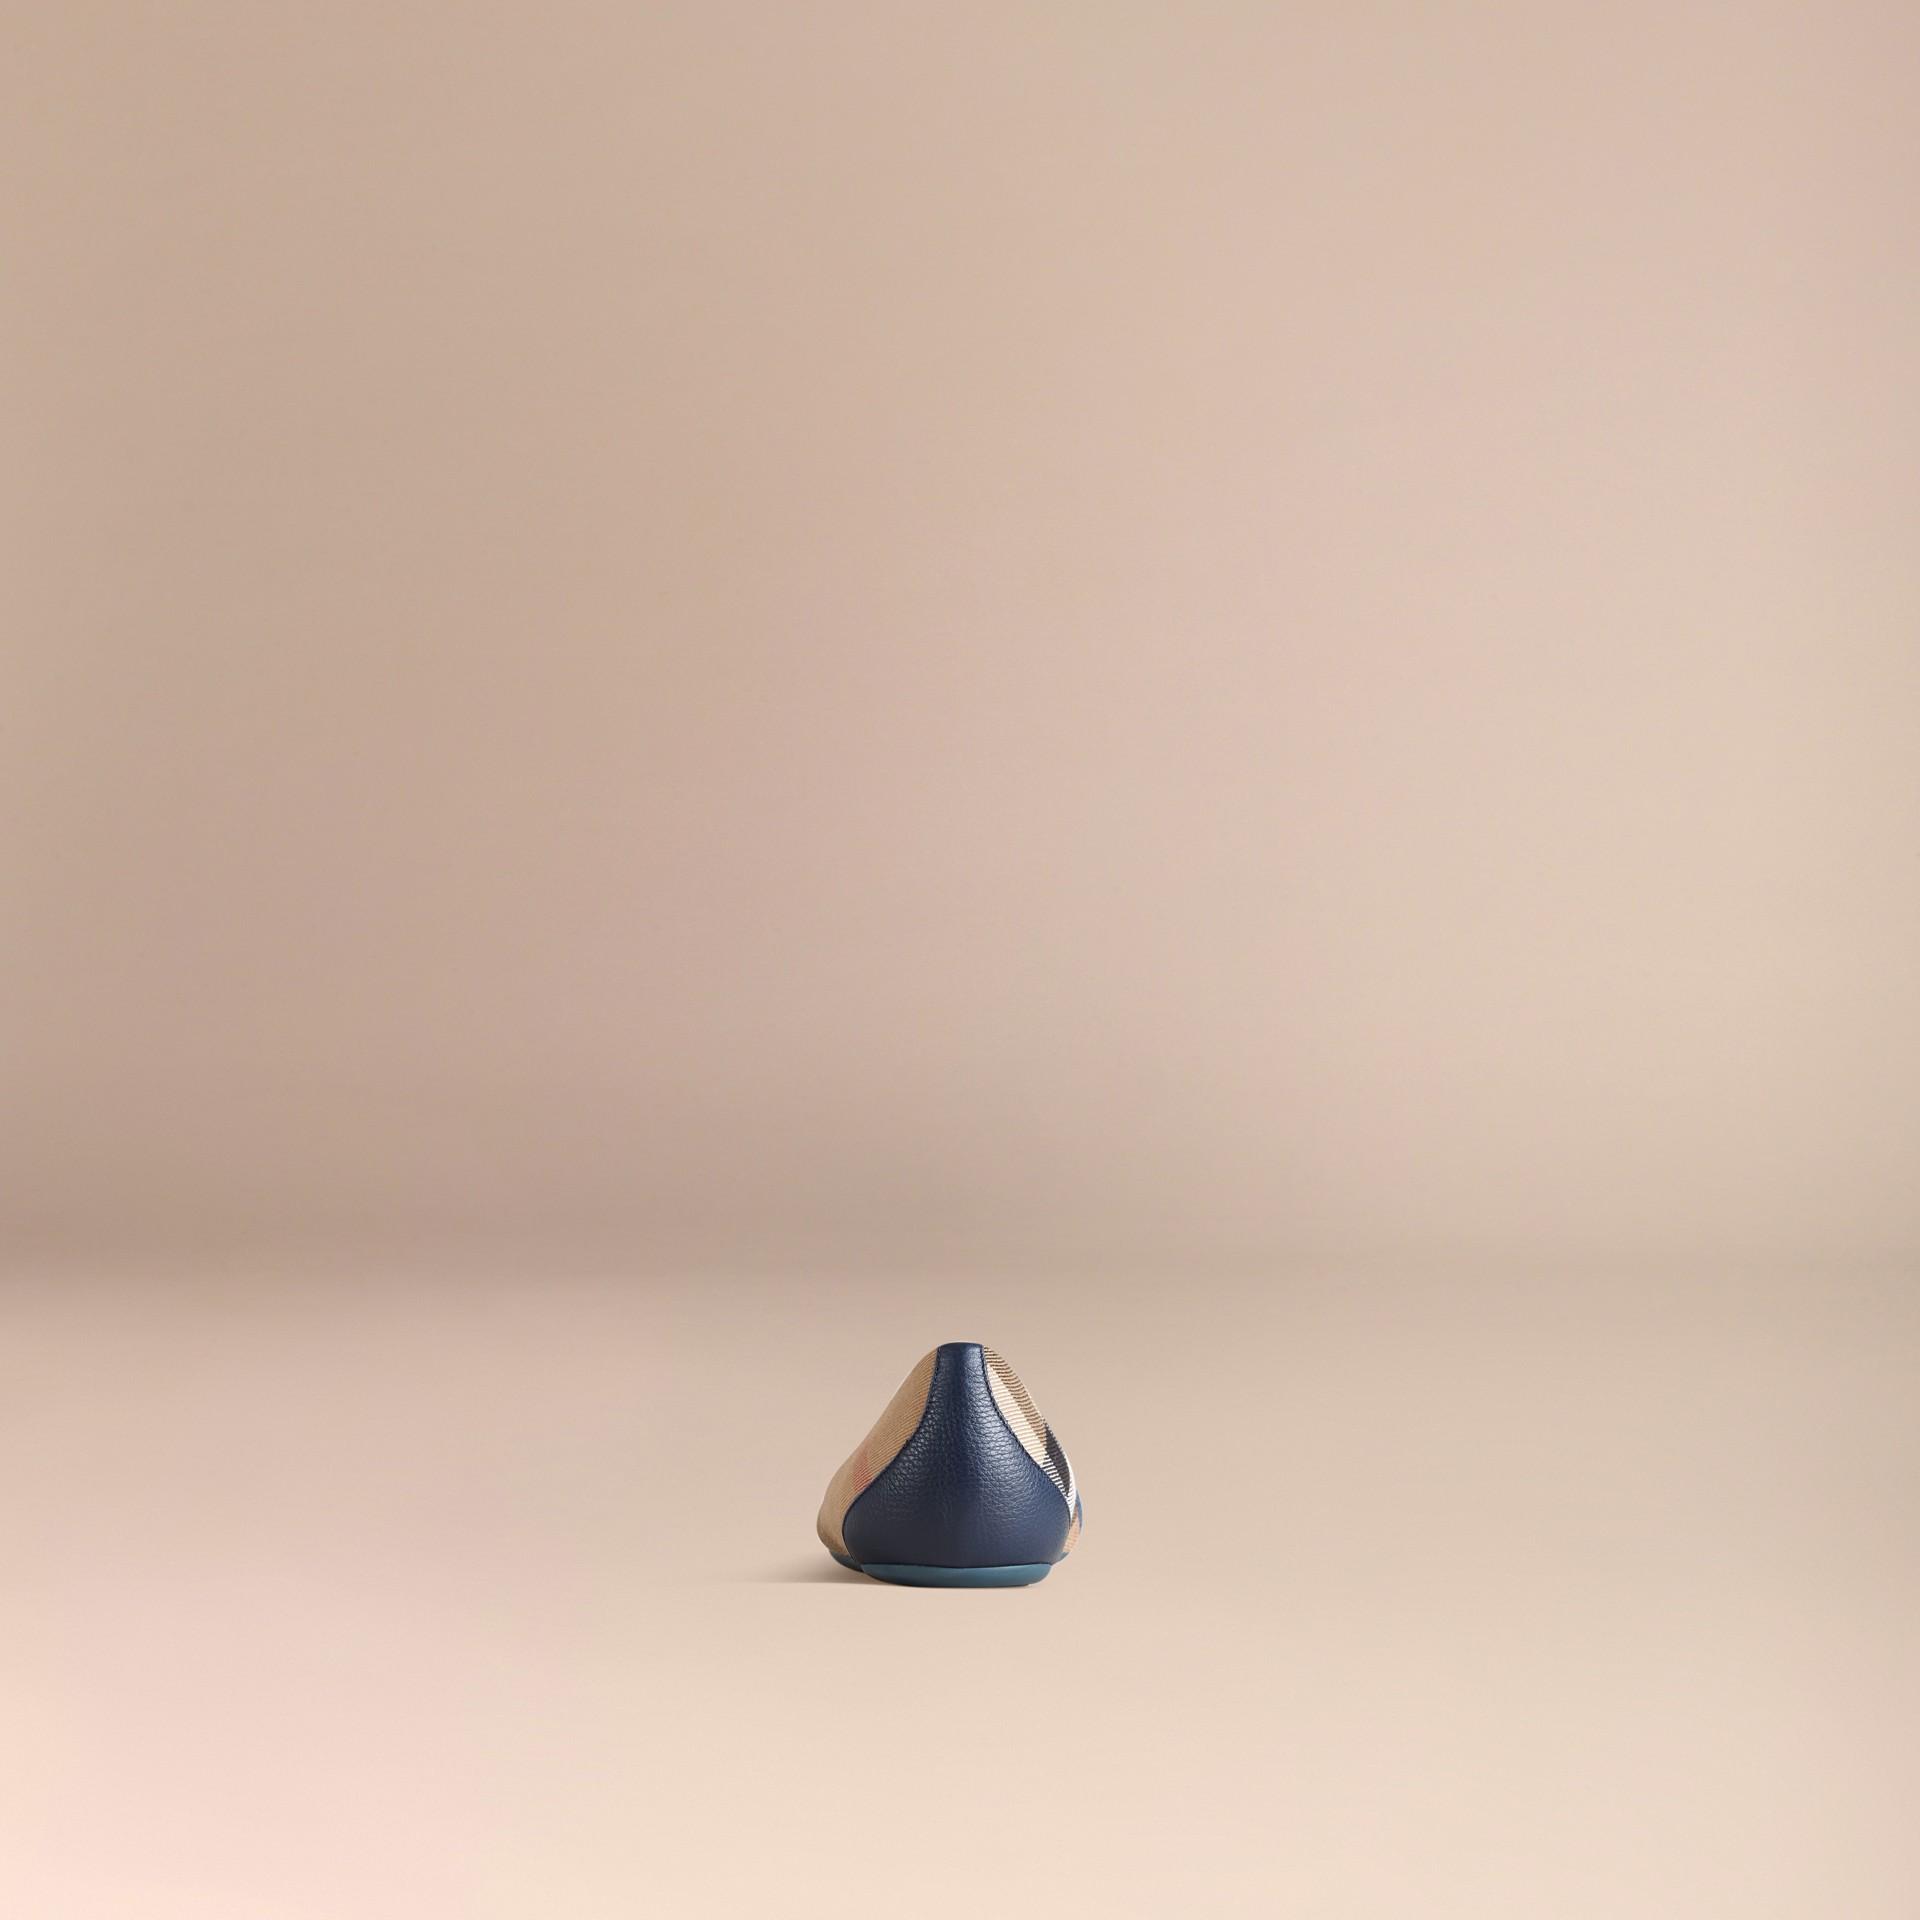 Bleu encre Ballerines à bride avec motif House check Bleu Encre - photo de la galerie 4